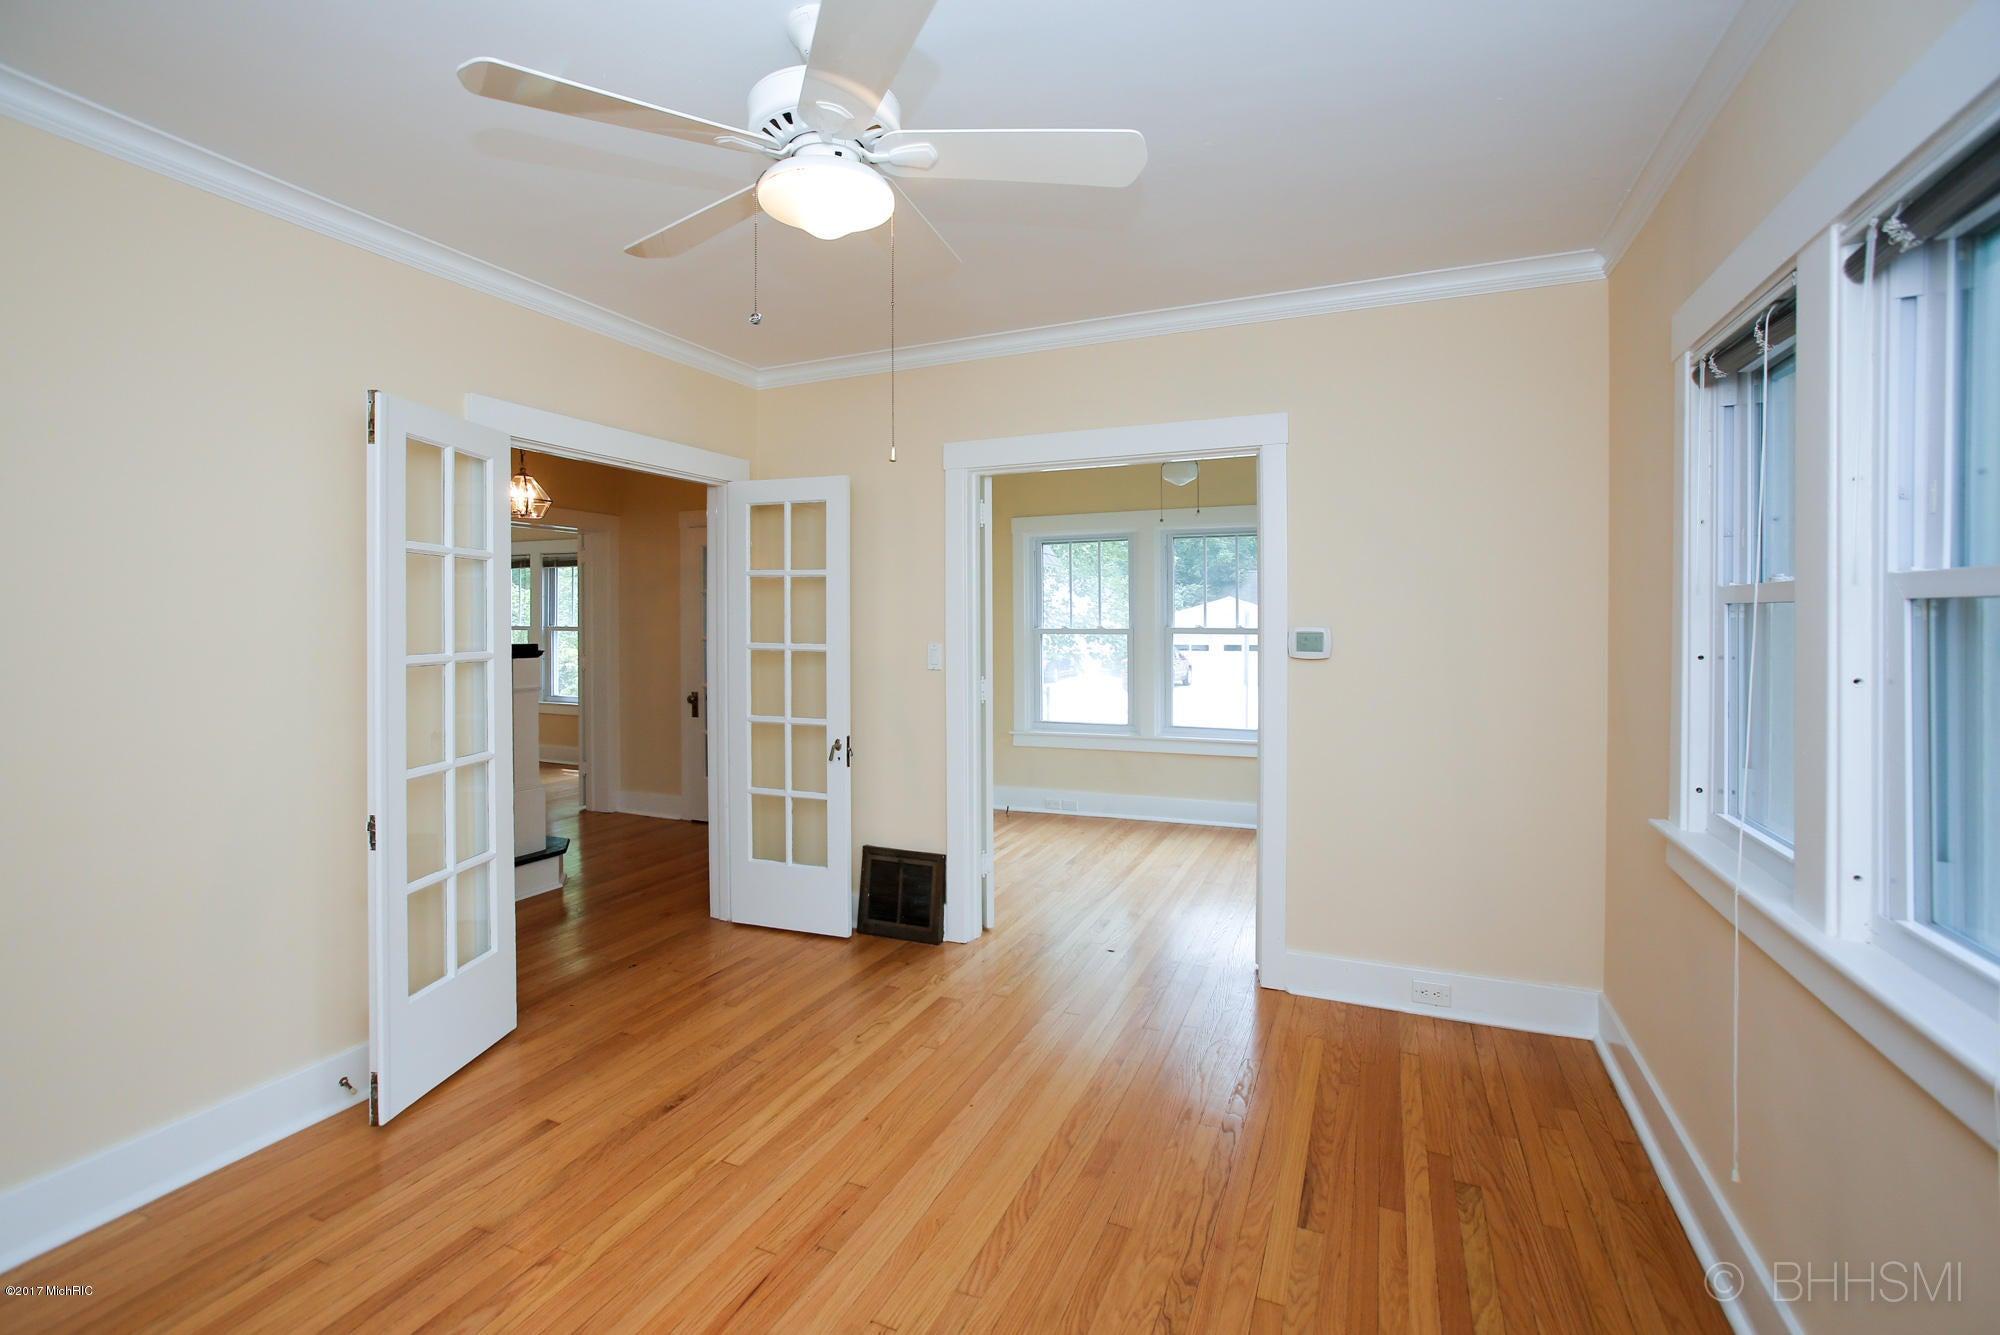 614 inkster avenue kalamazoo mi 49008 mls 17031682 for Hardwood floors kalamazoo